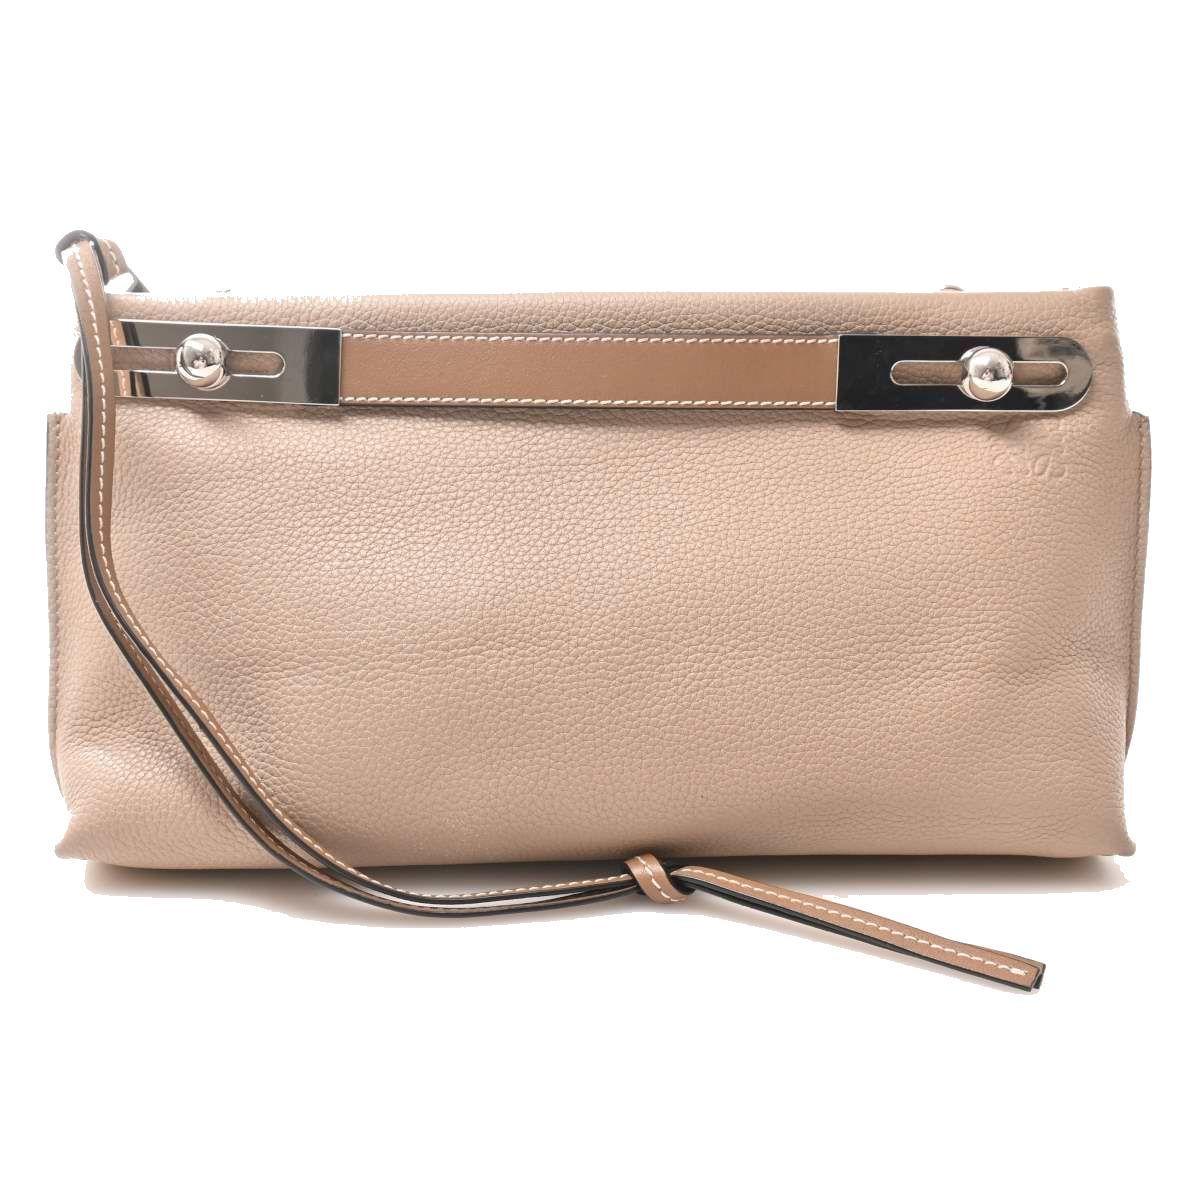 Loewe LOEWE Leather Missy Small 2WAY Shoulder Bag Beige